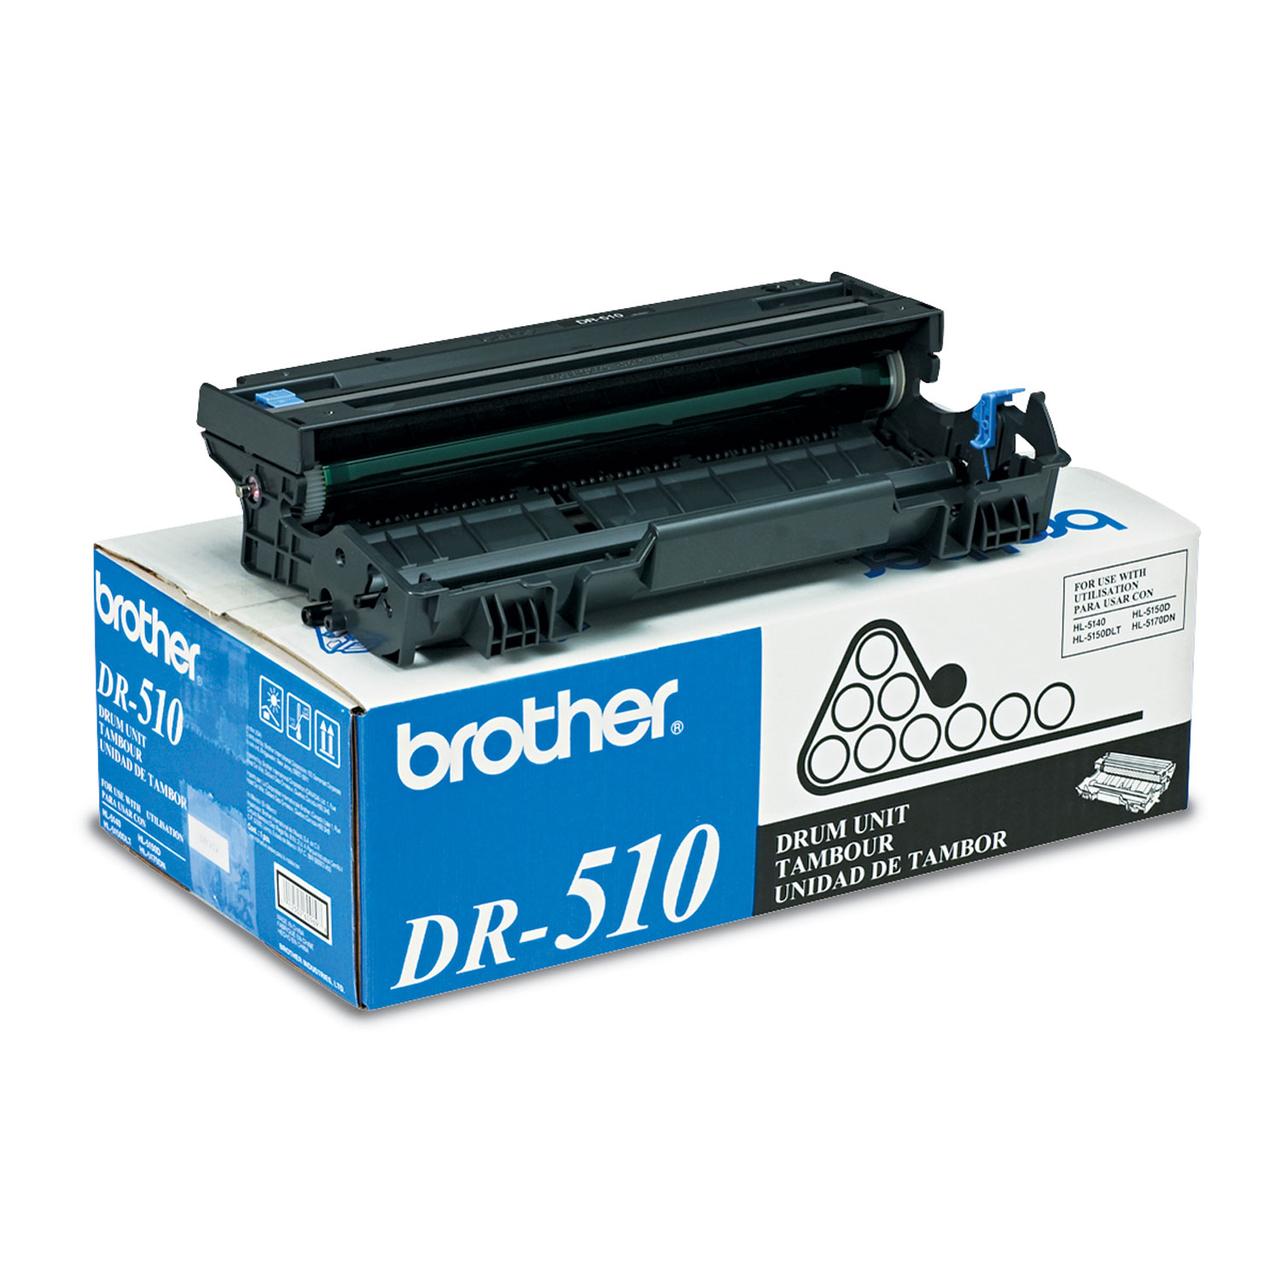 DR510 | Original Brother Drum Unit - Black